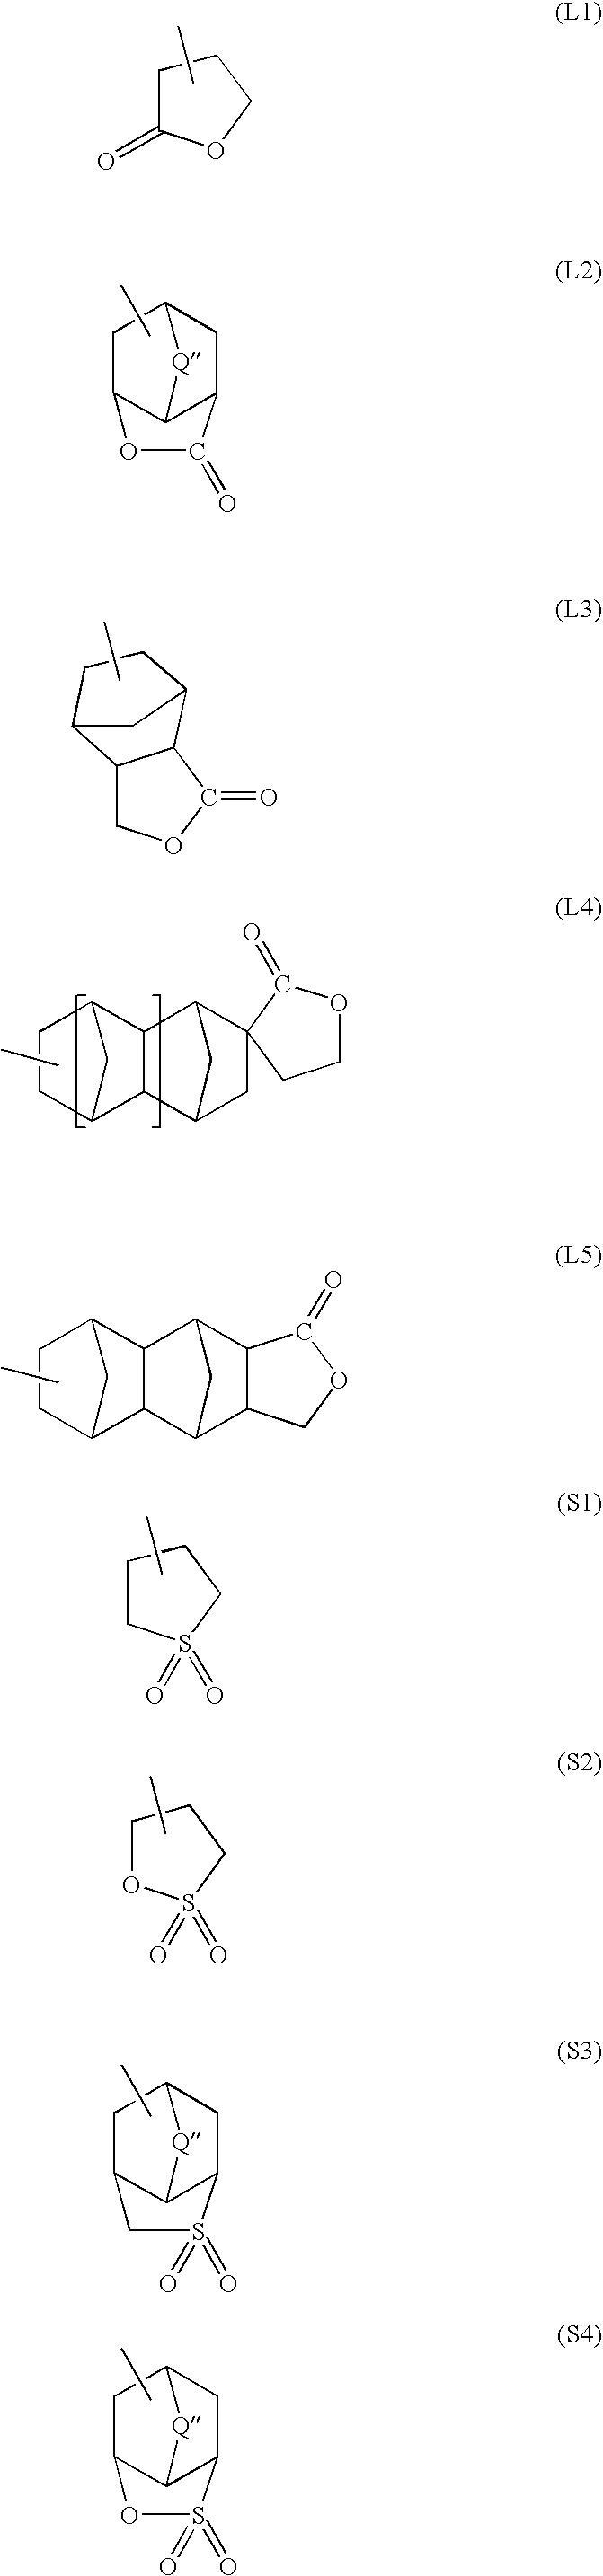 Figure US20100136480A1-20100603-C00081